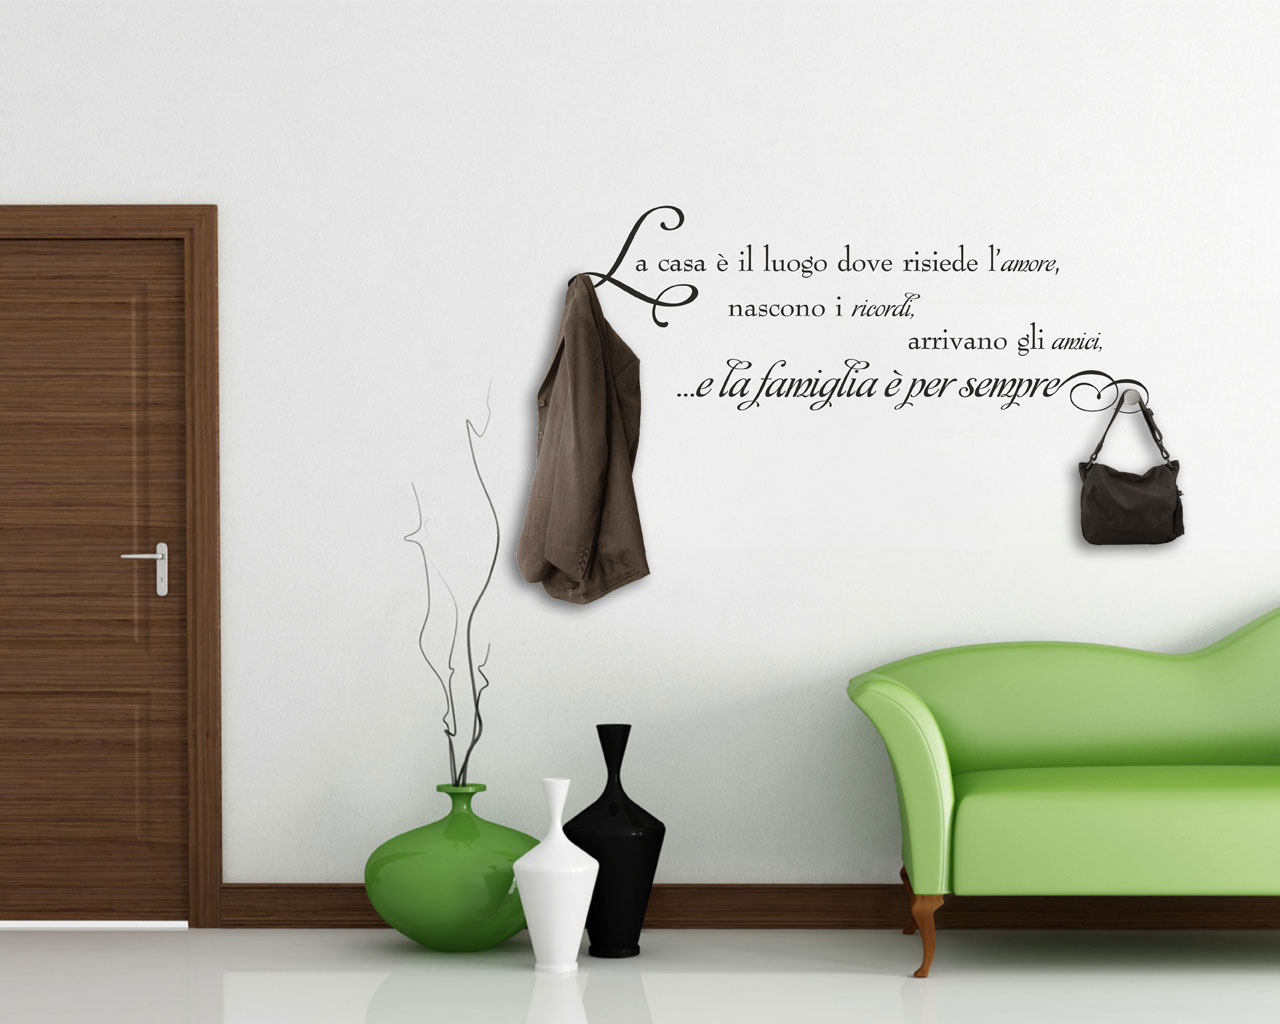 Appendiabiti design-la casa è il luogo...